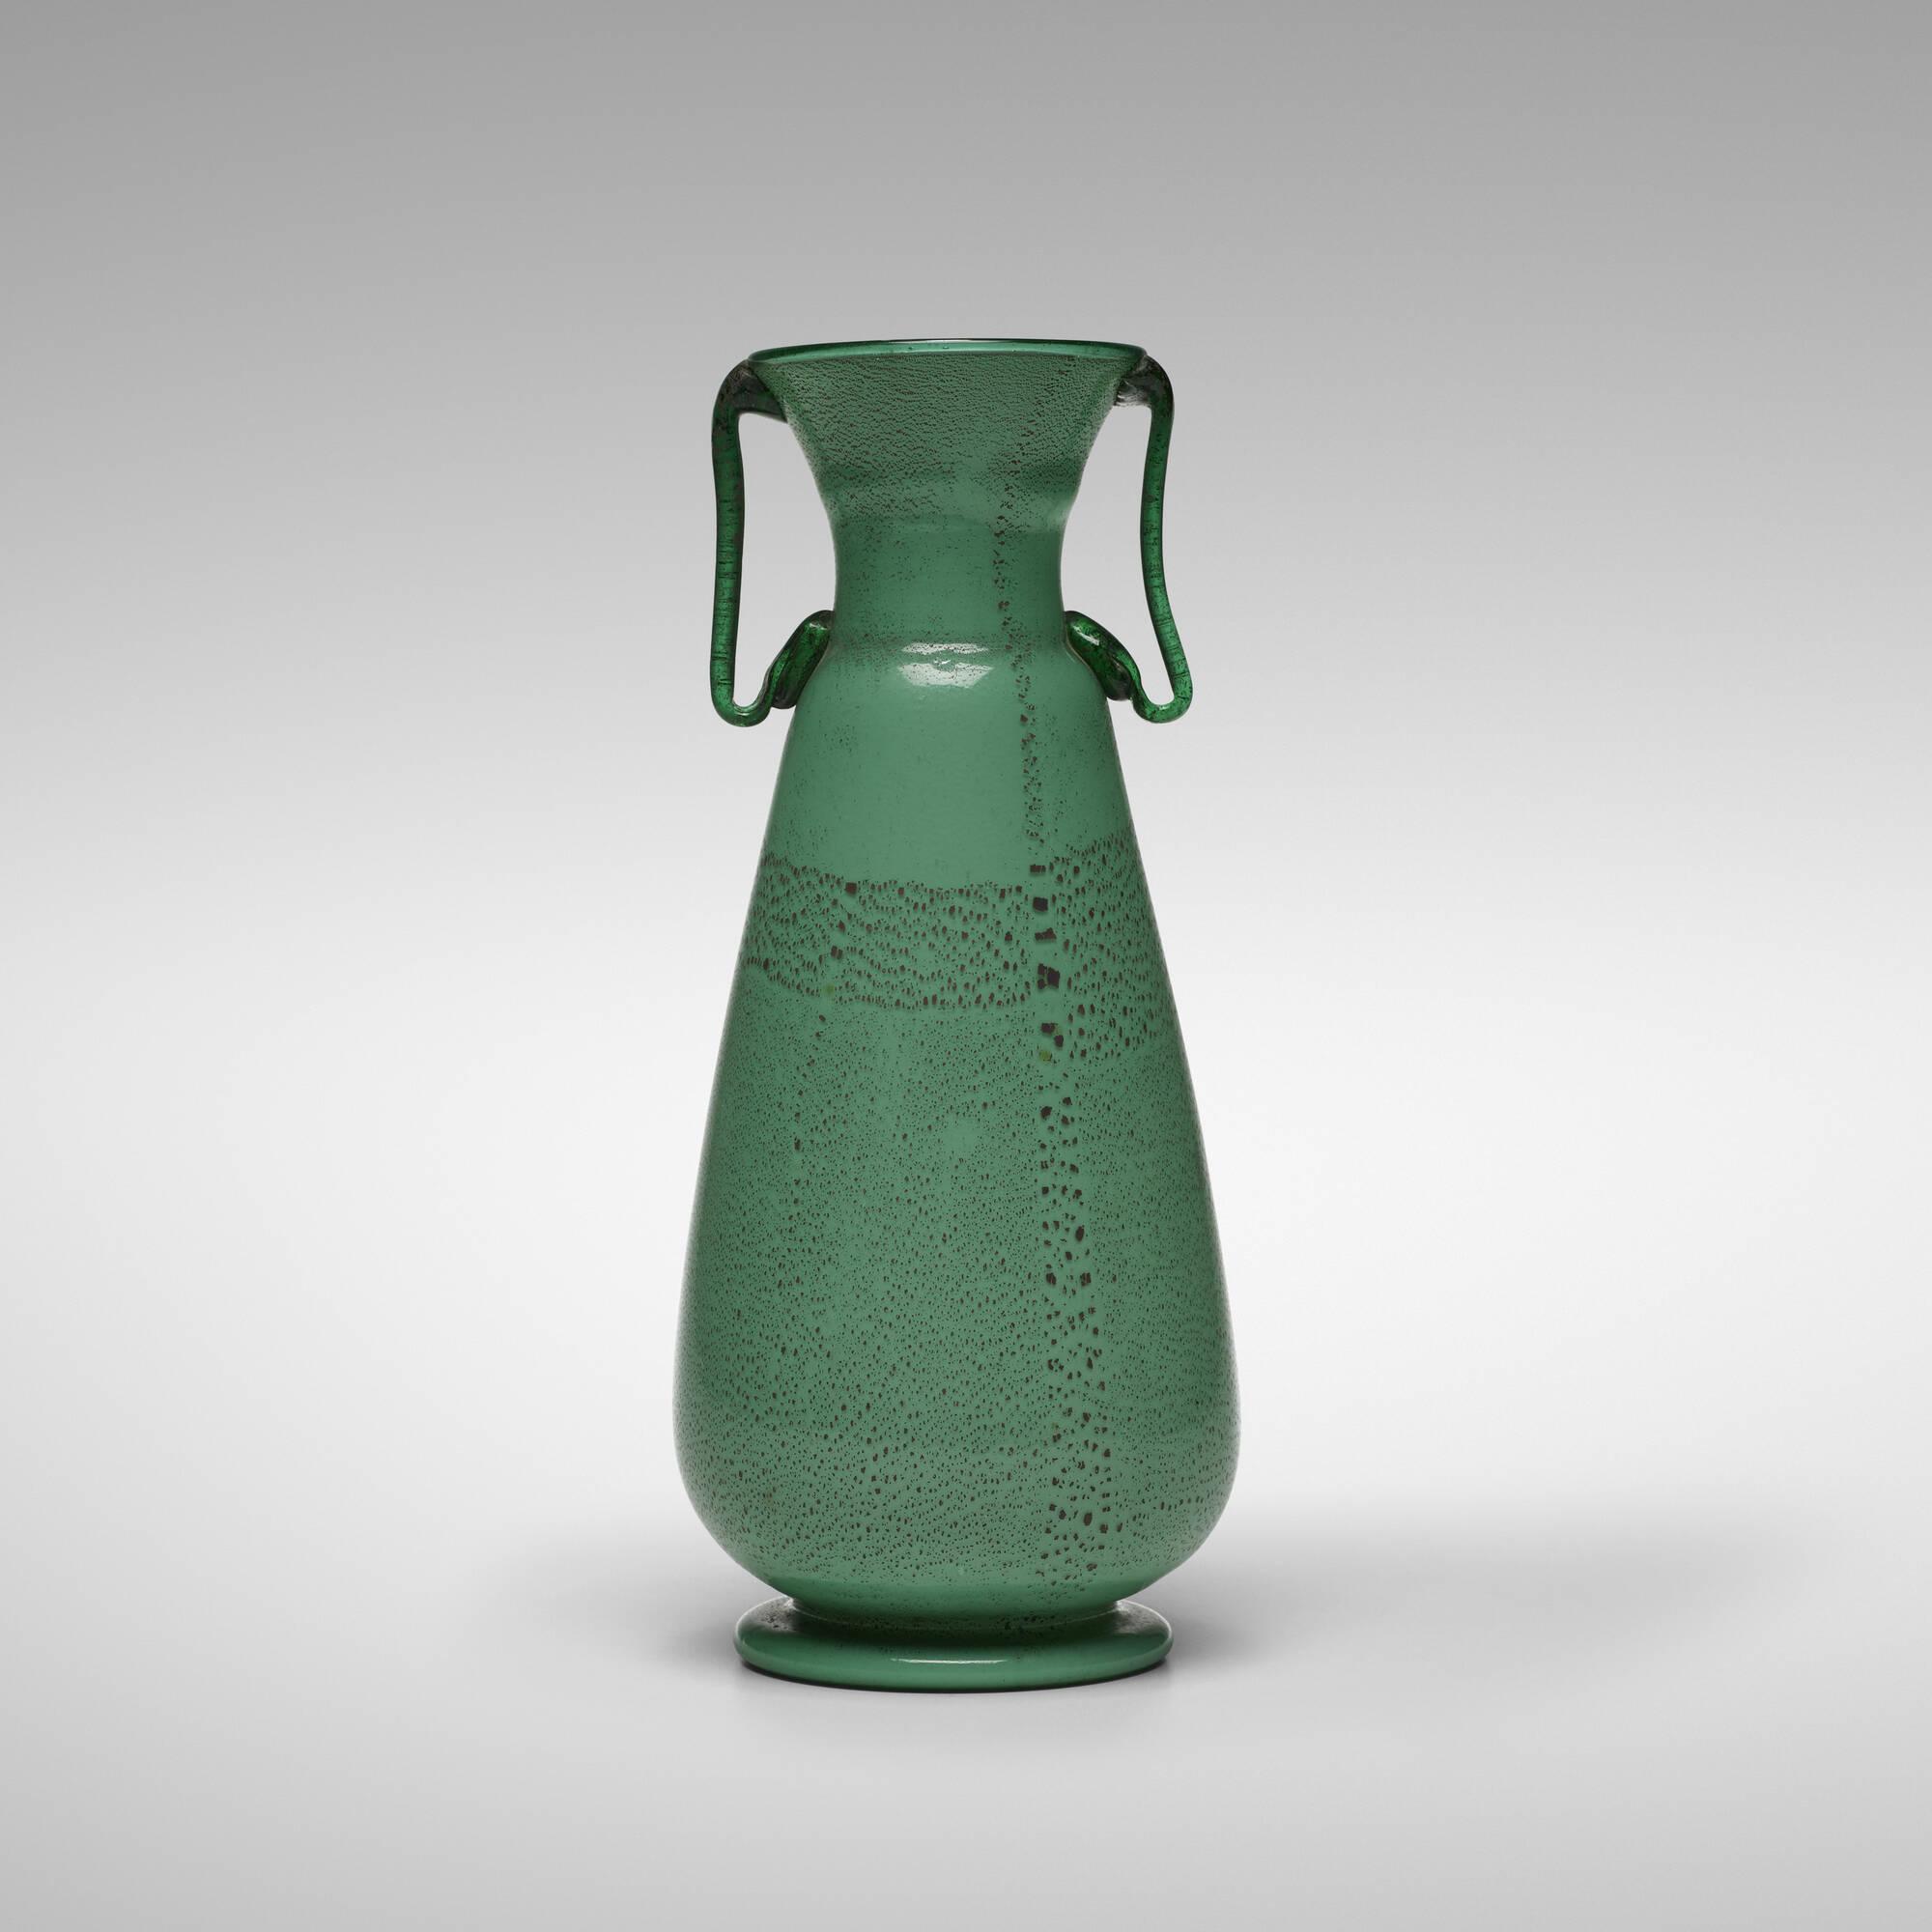 111: Nason, attribution / vase (1 of 3)